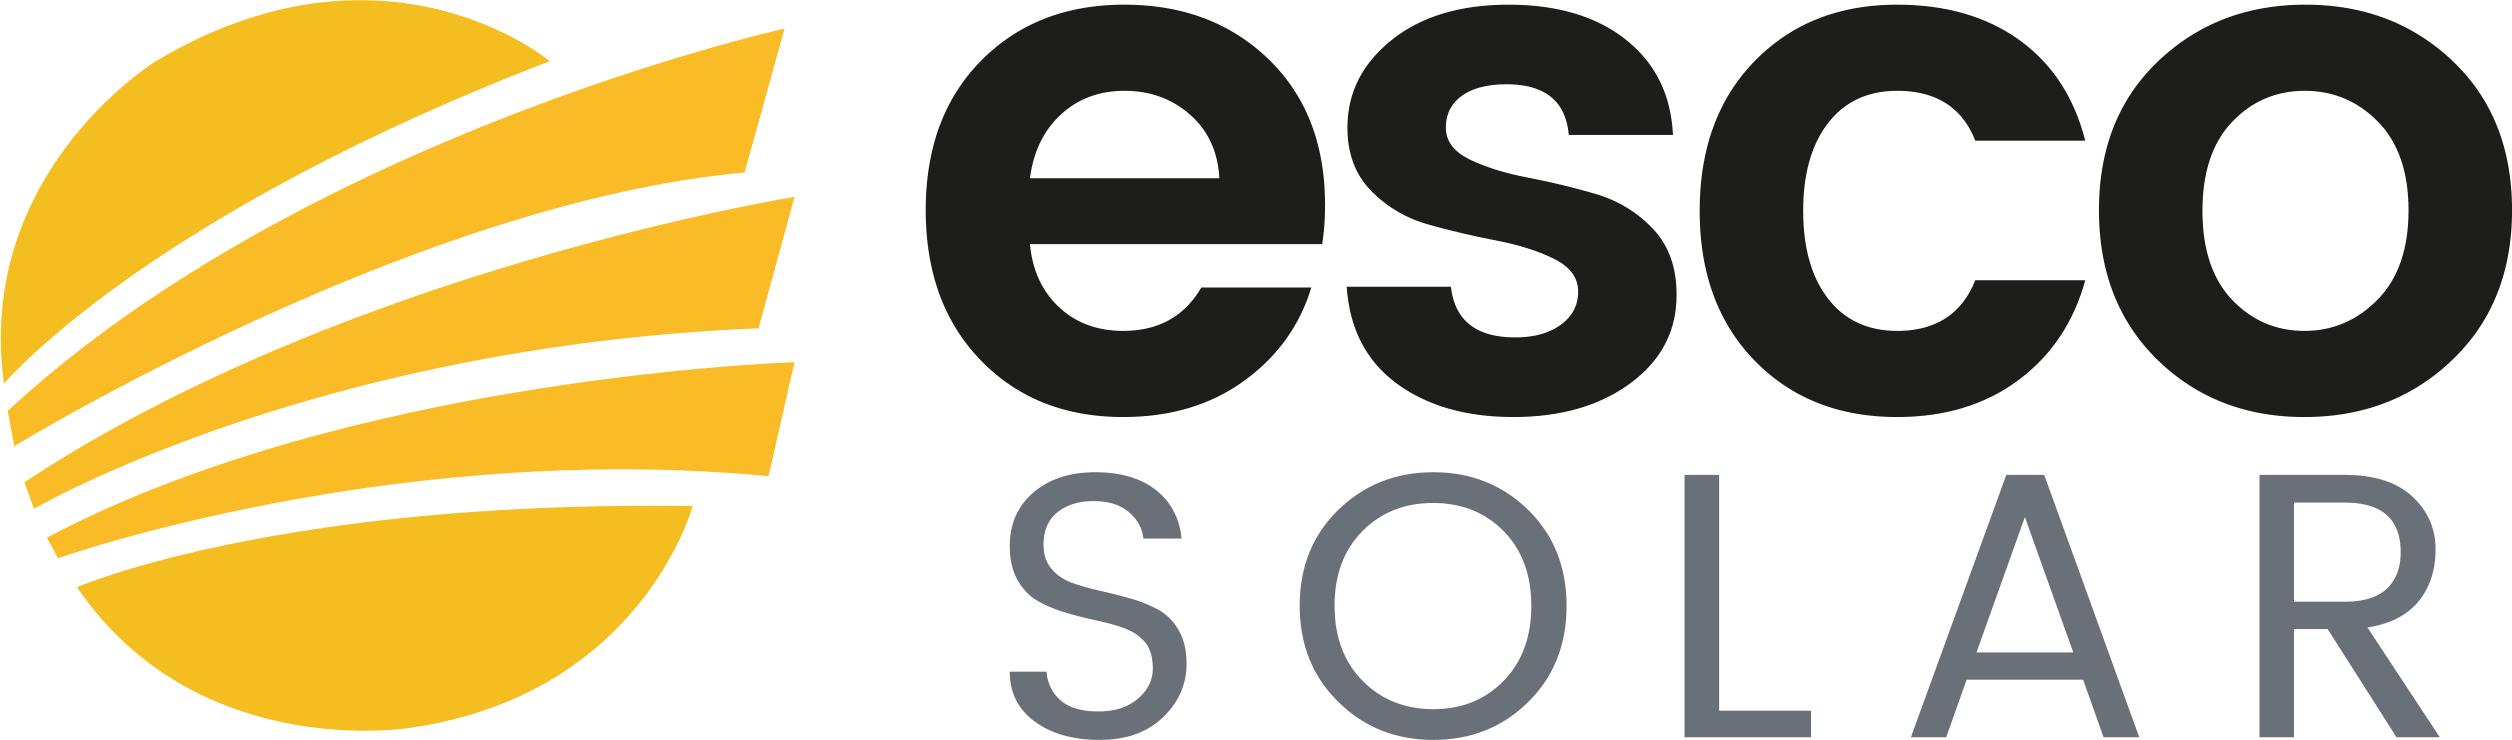 EscoSolar